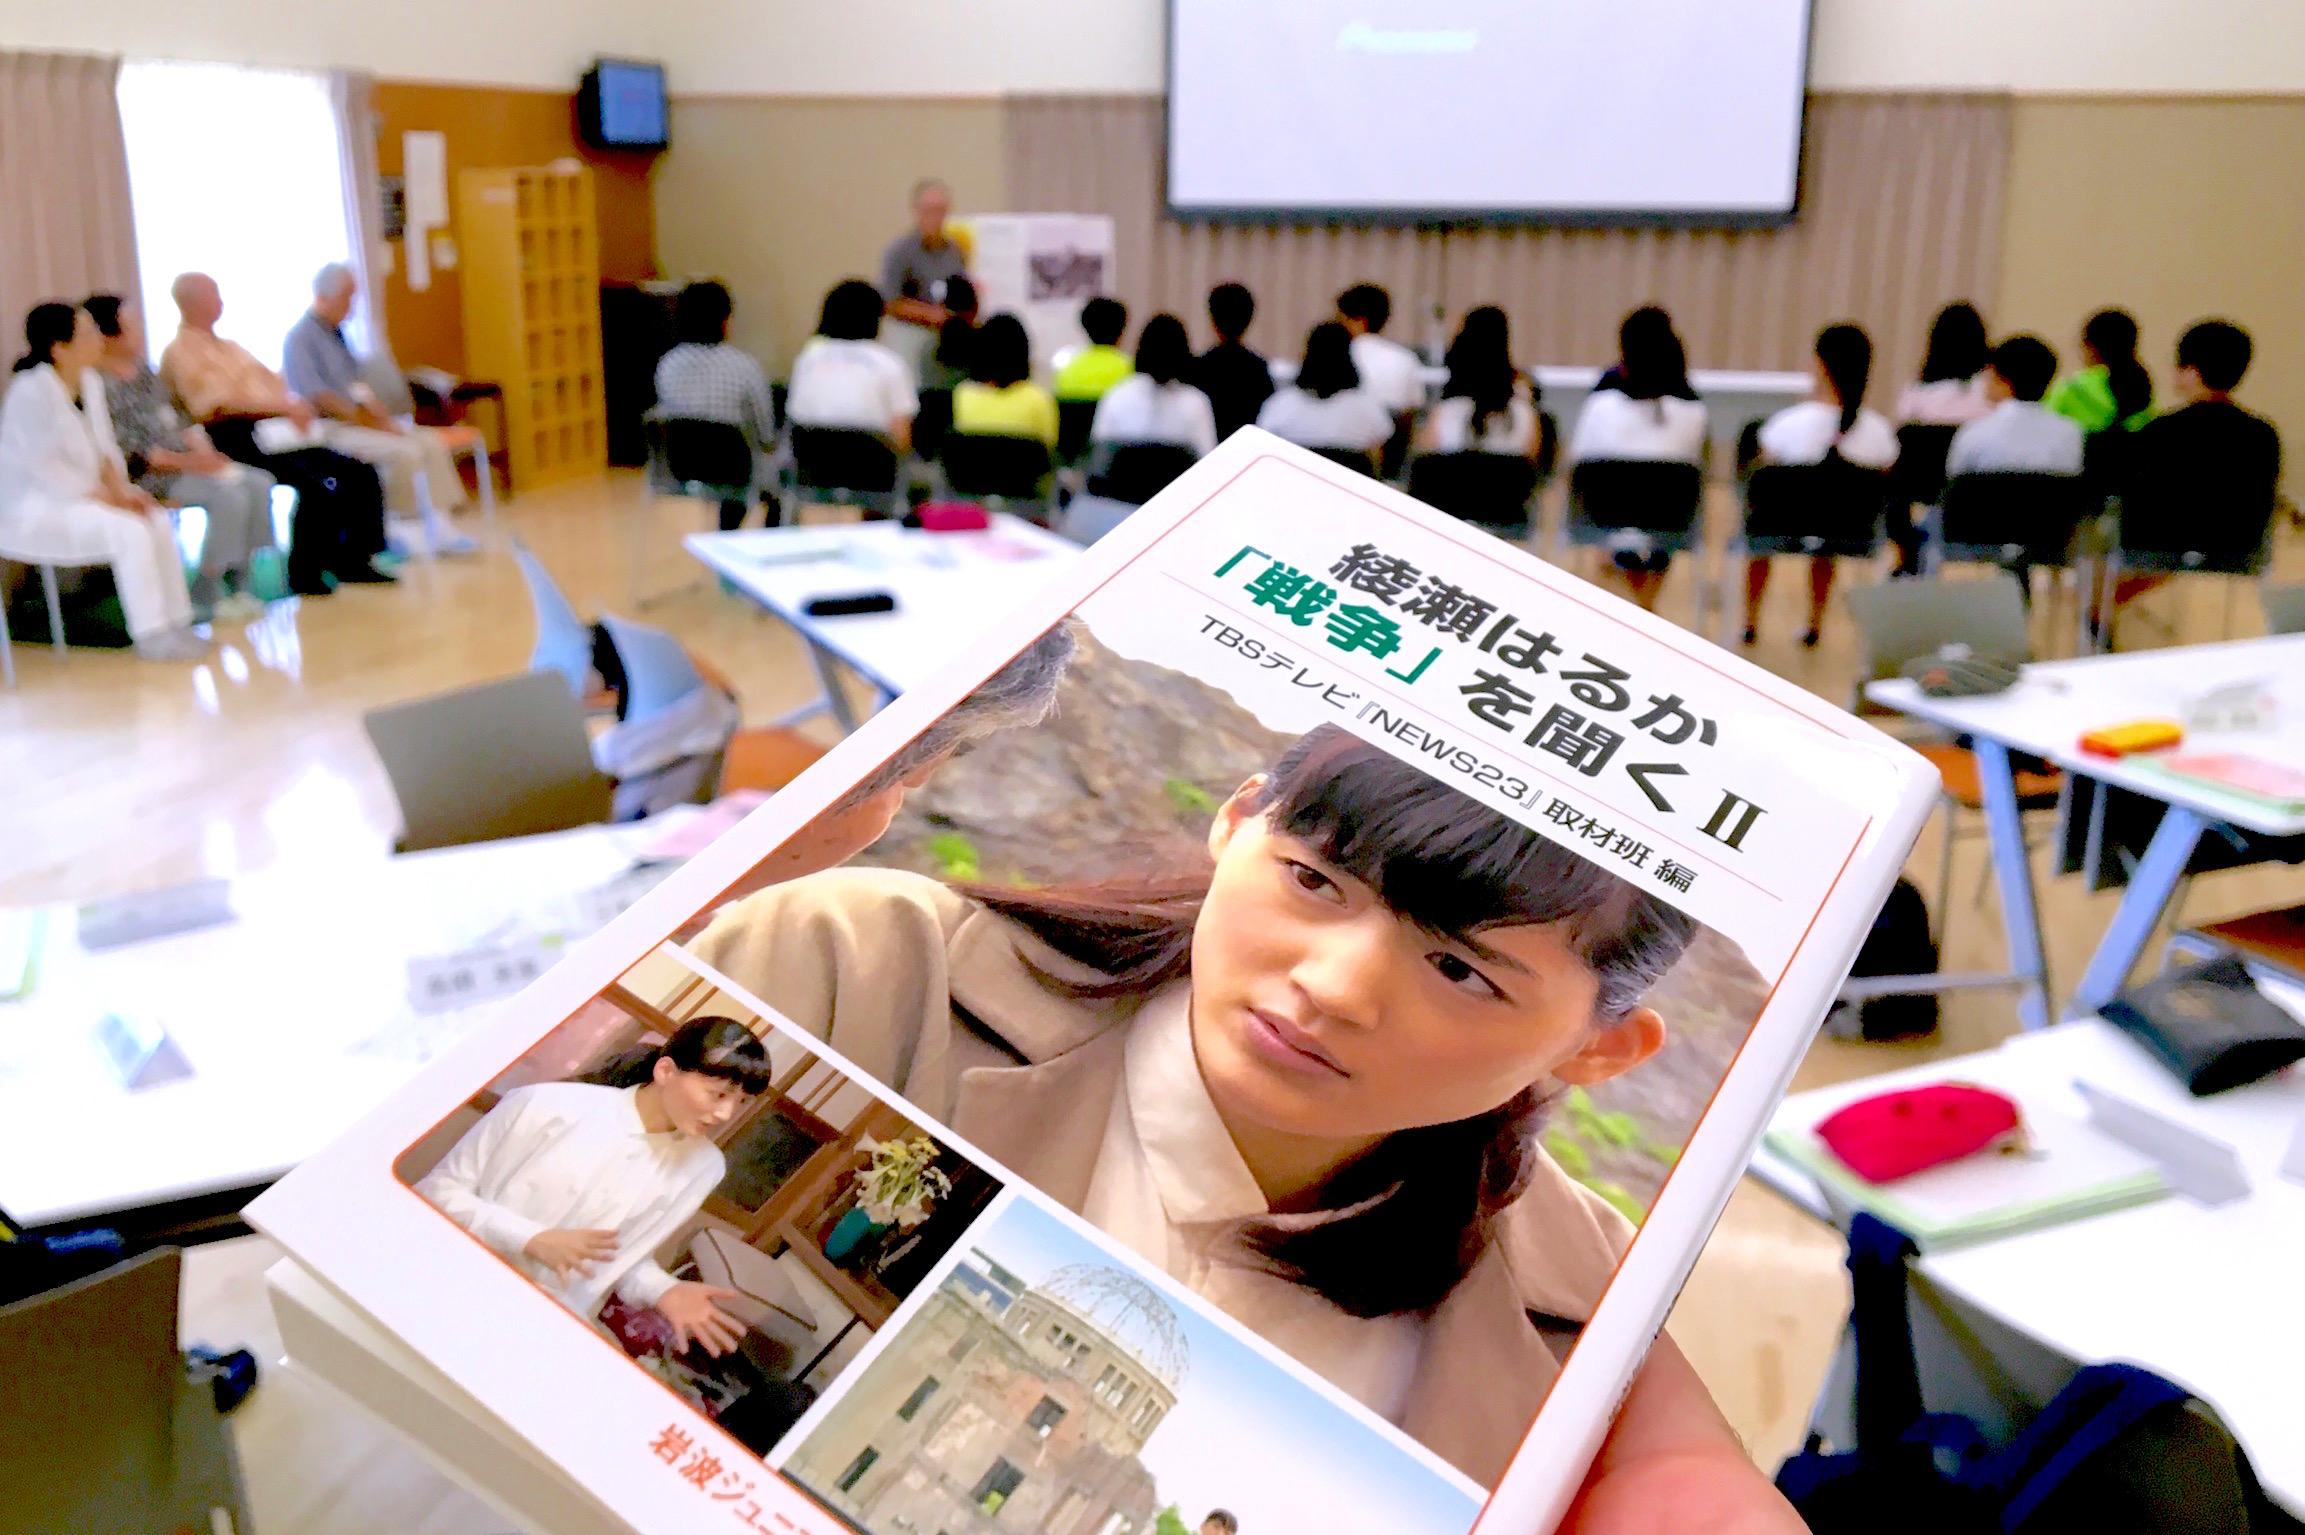 ピースメッセンジャー学習会を見学〜来週、逗子の中学二年生が広島を2泊3日で訪問します